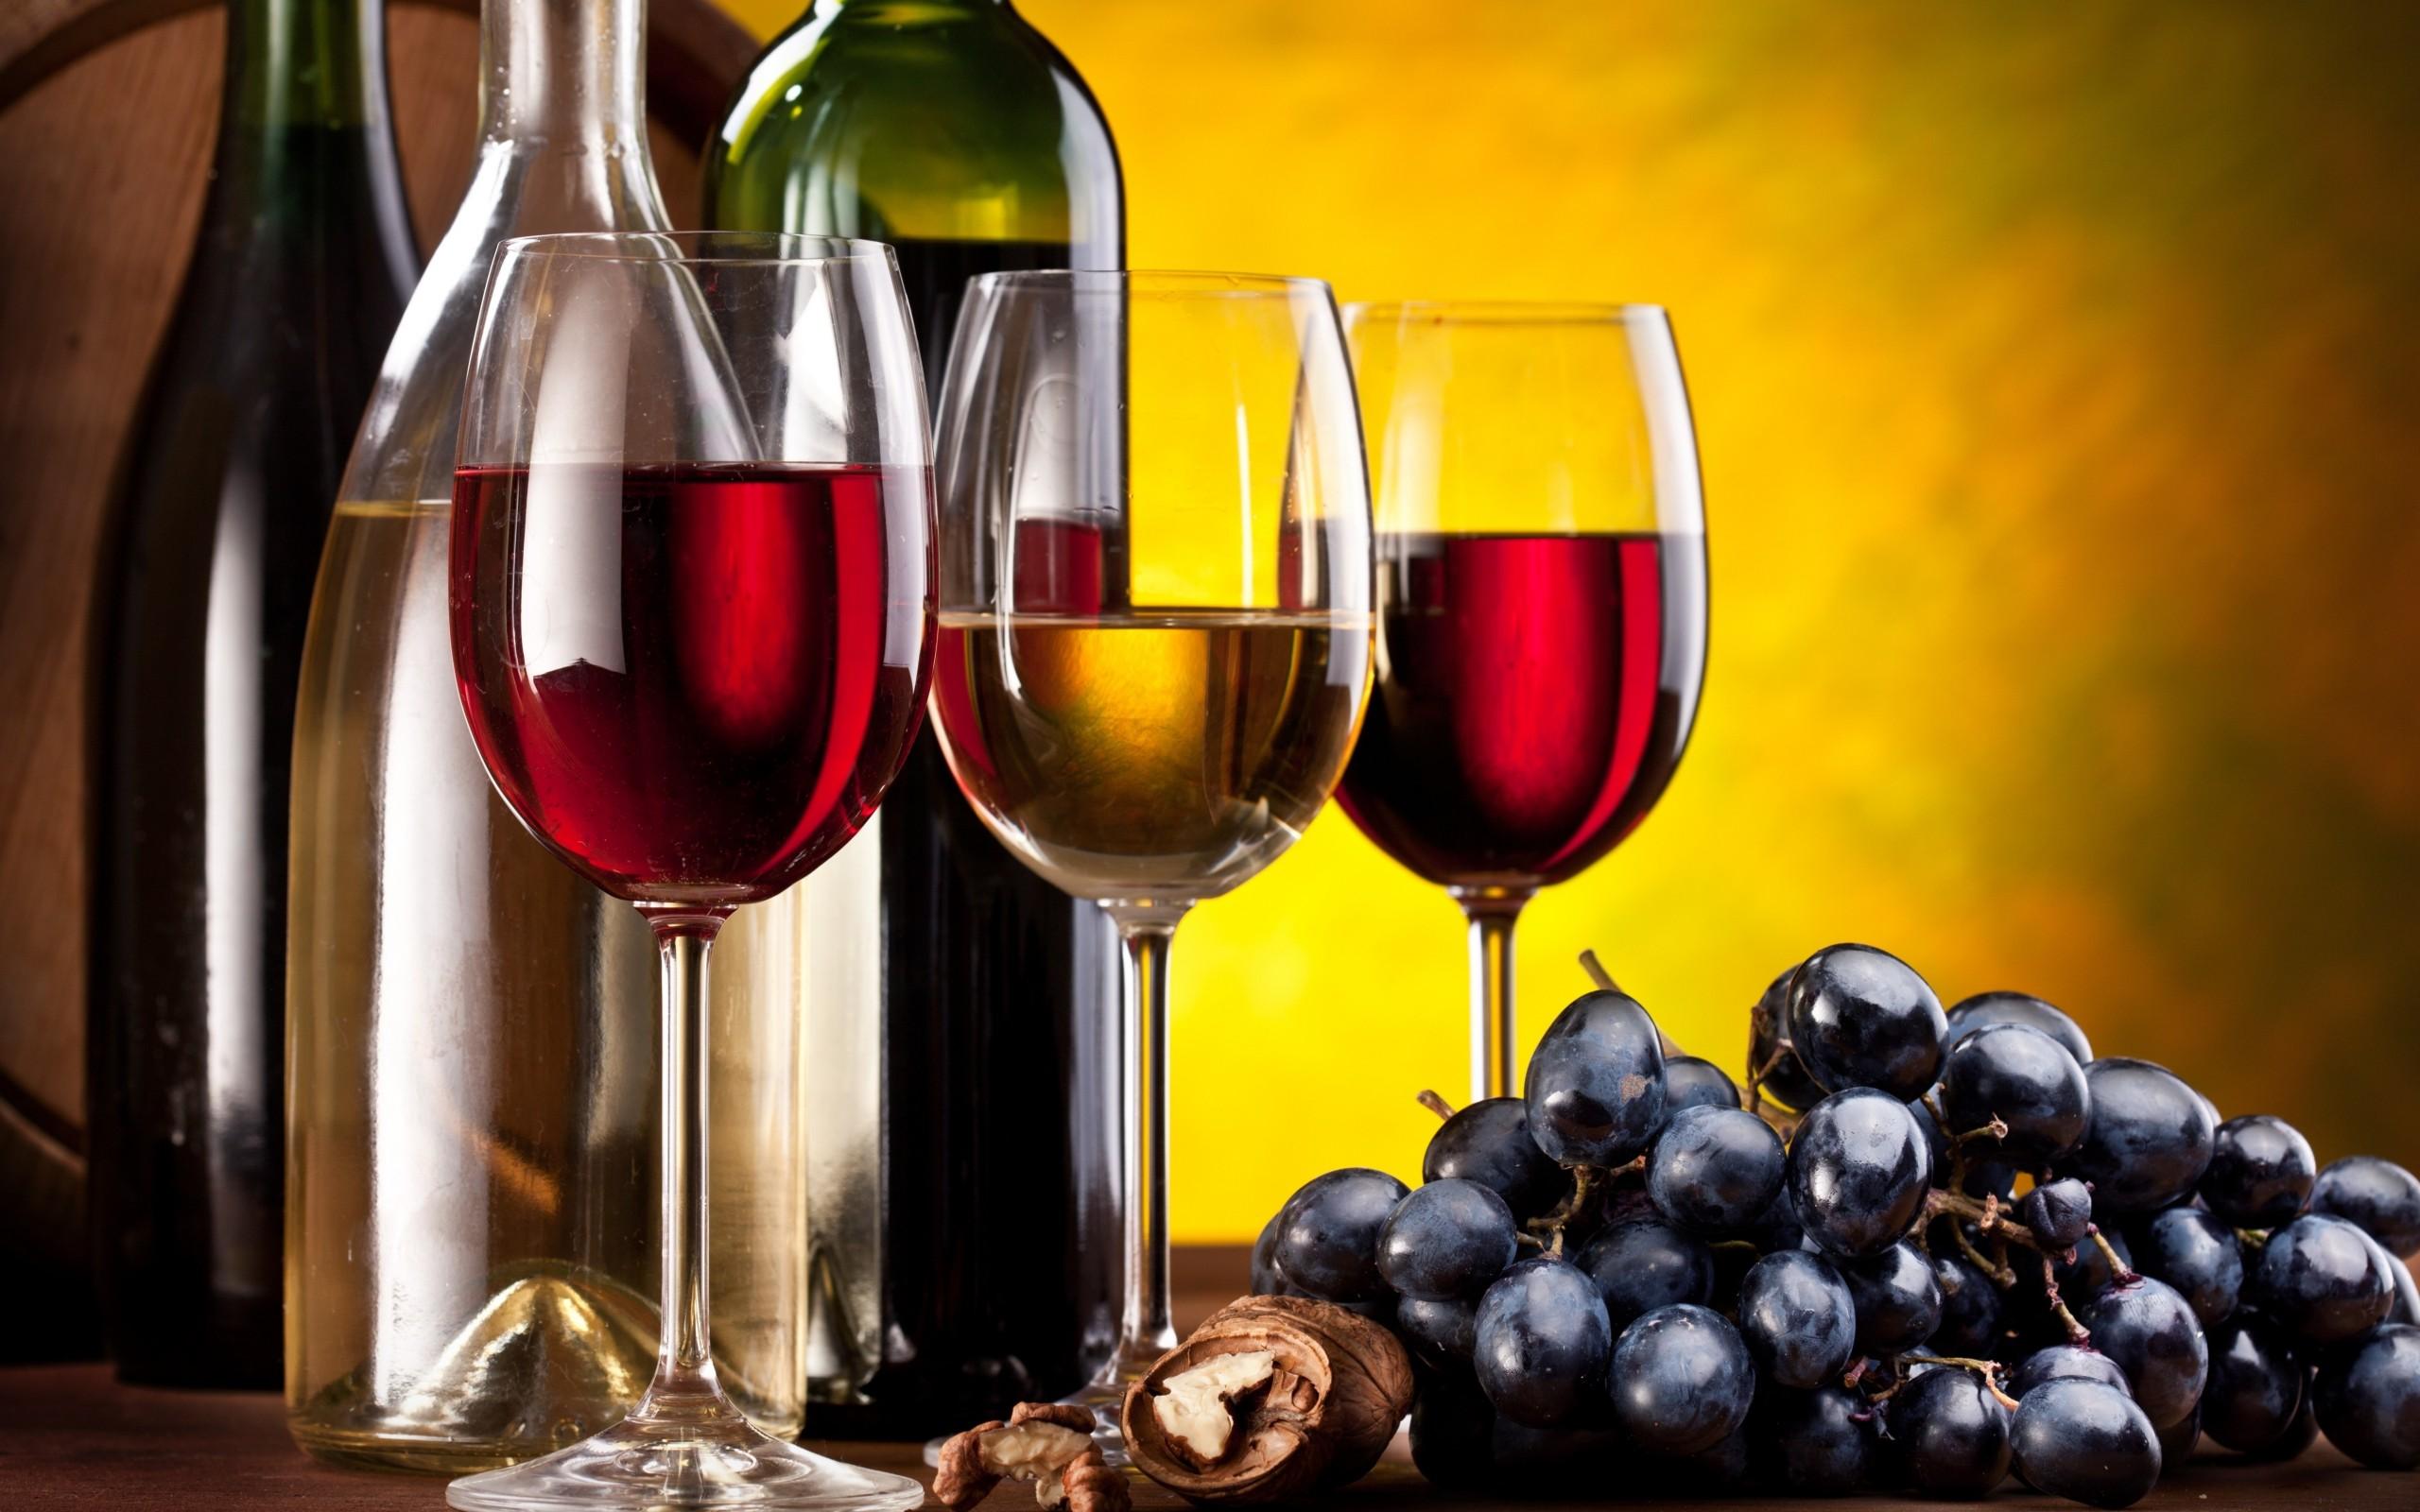 wine computer wallpapers desktop backgrounds 2560x1600